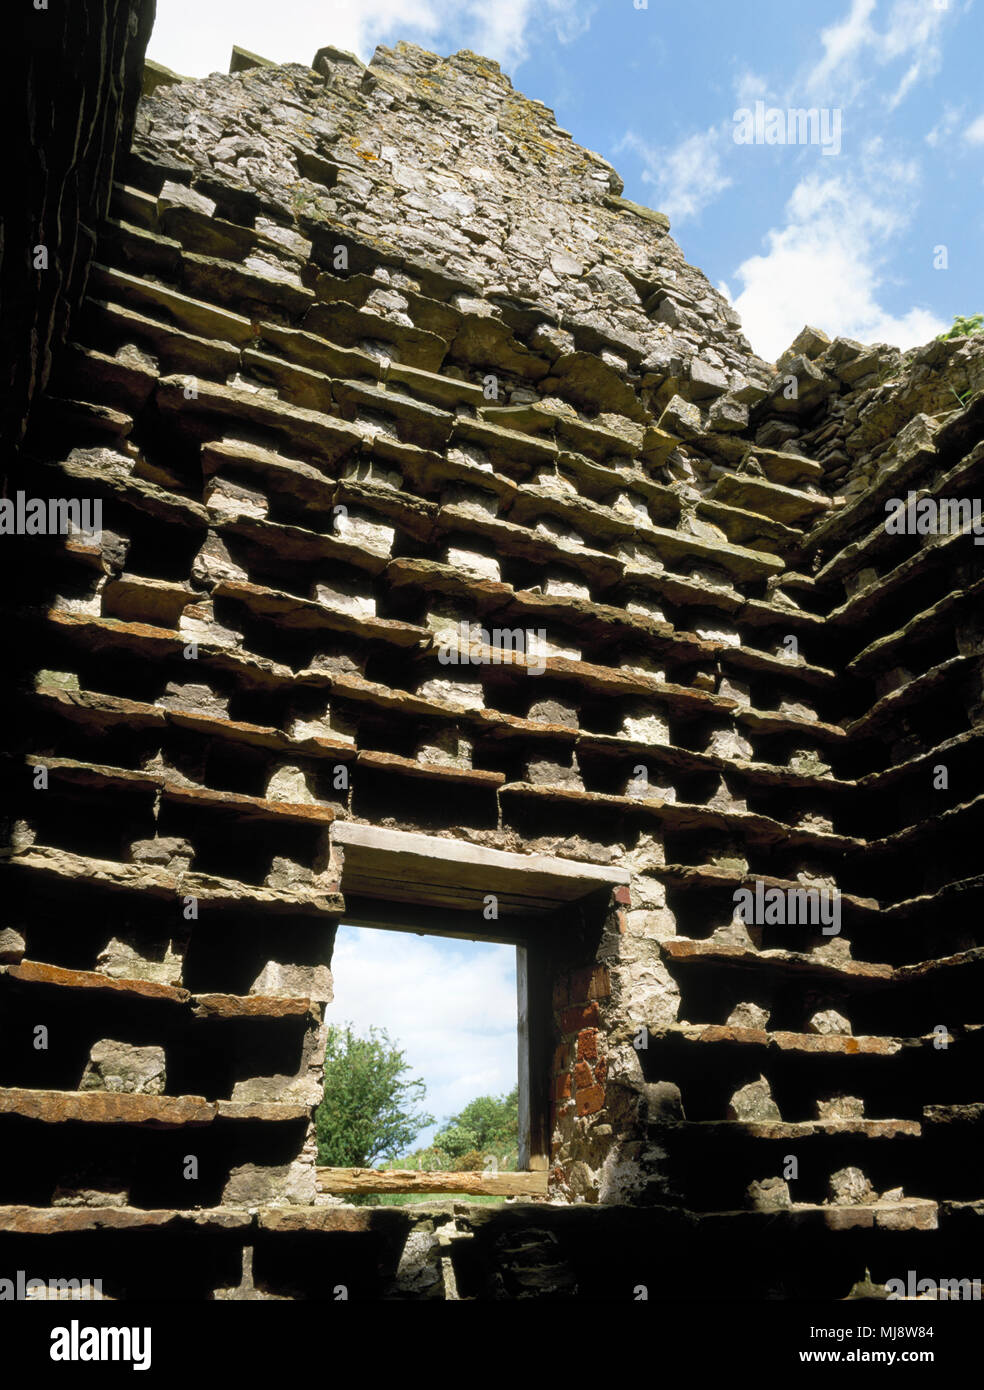 Cajas-nido interior arruinado siglo xvii tall square palomar en granja, Trelawnyd Gop (Flintshire, al norte de Gales, Reino Unido. Contiene alrededor de 700 cajas nido. Foto de stock